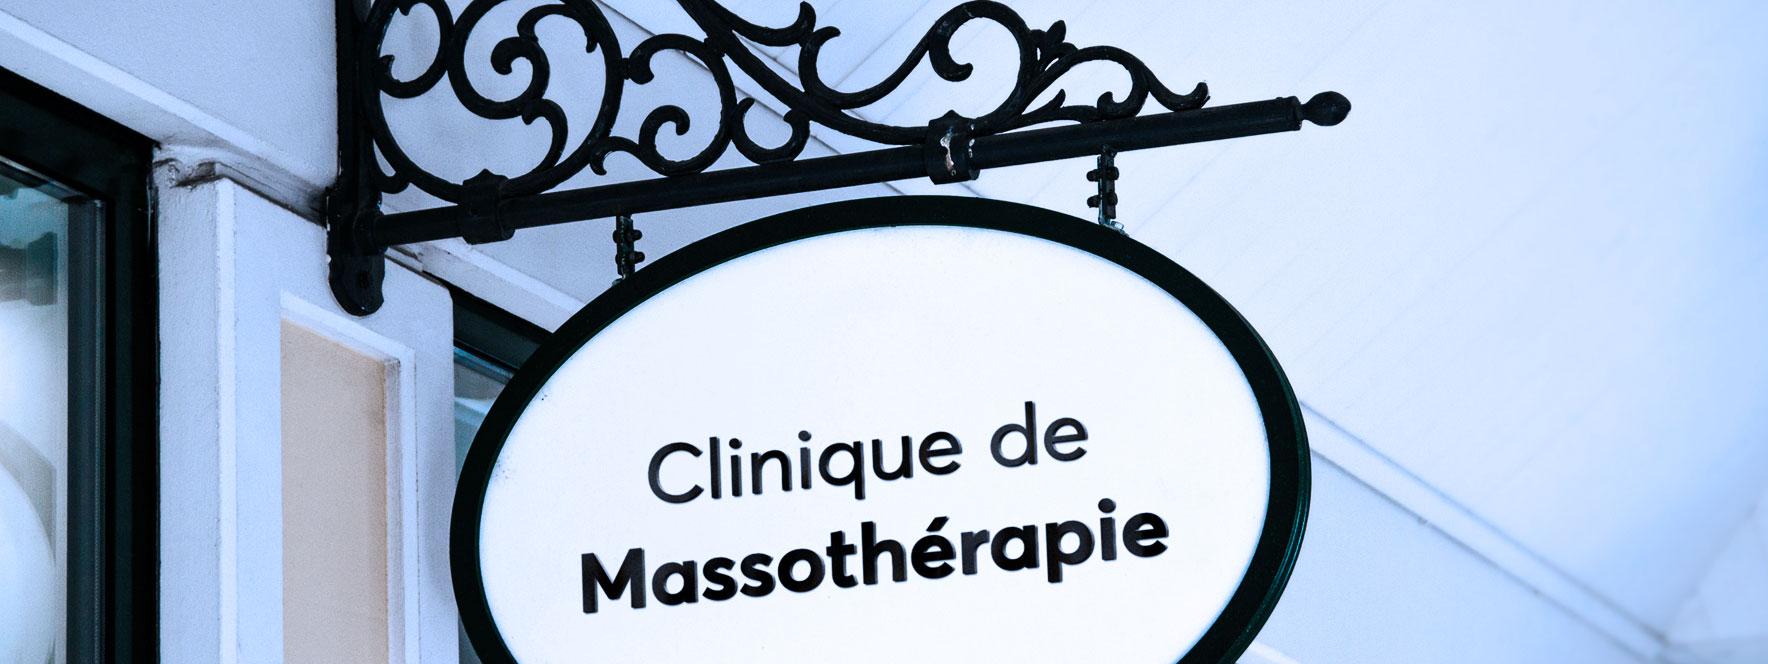 Enseigne de clinique de massothérapie